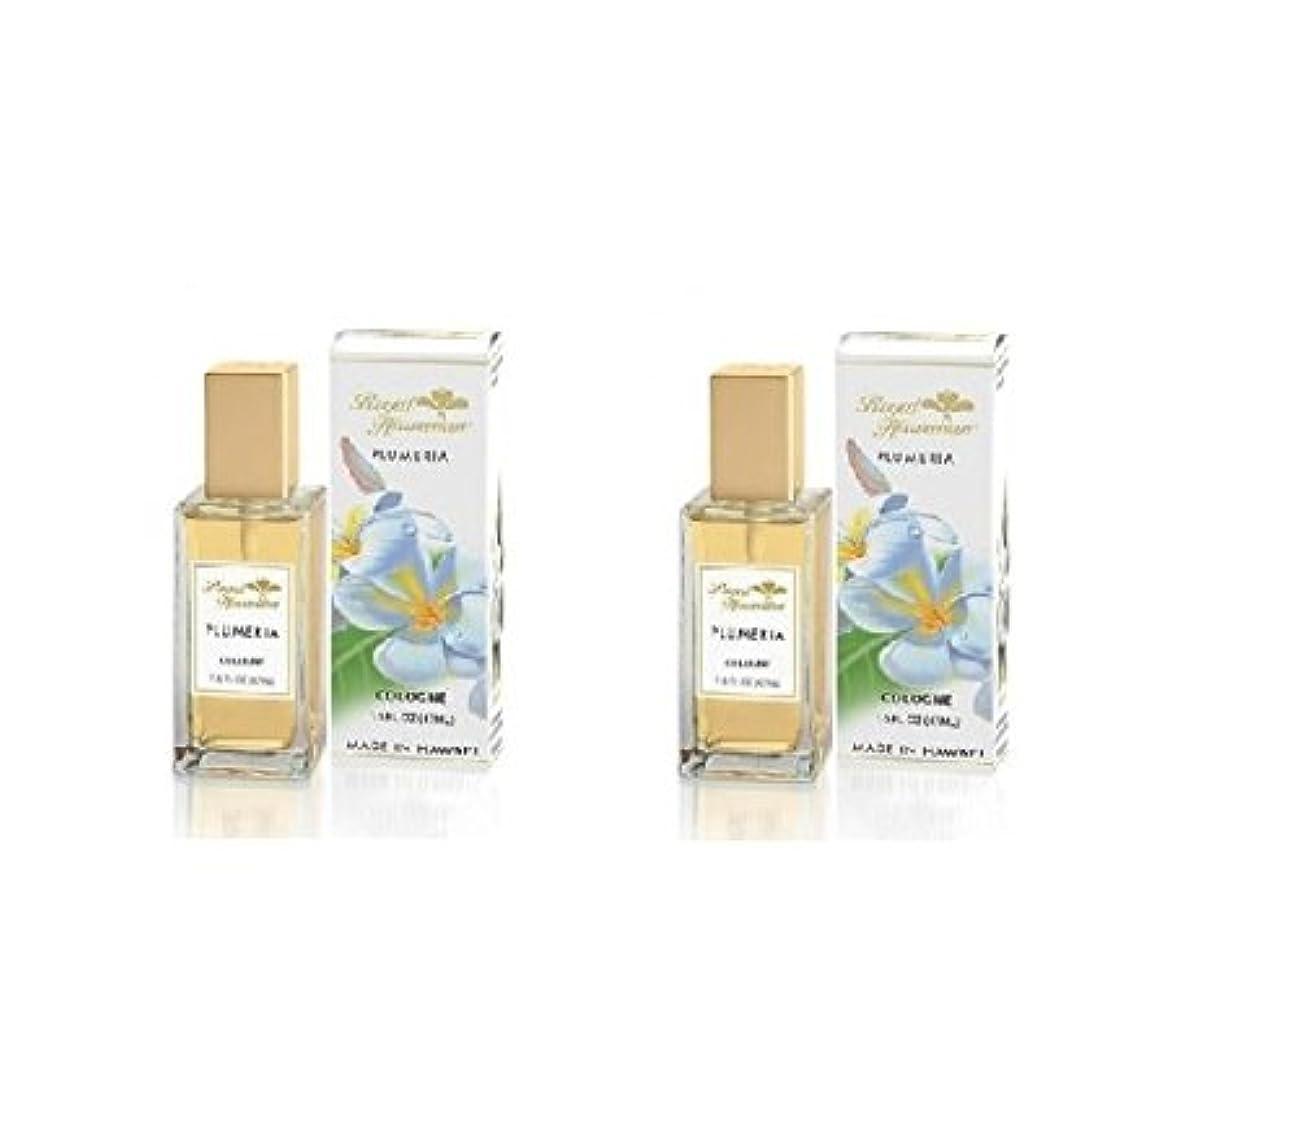 サイクルセンター叫ぶ〈海外直送品〉ロイヤルハワイアン プルメリア香水(コロン)2本 ギフトラップ